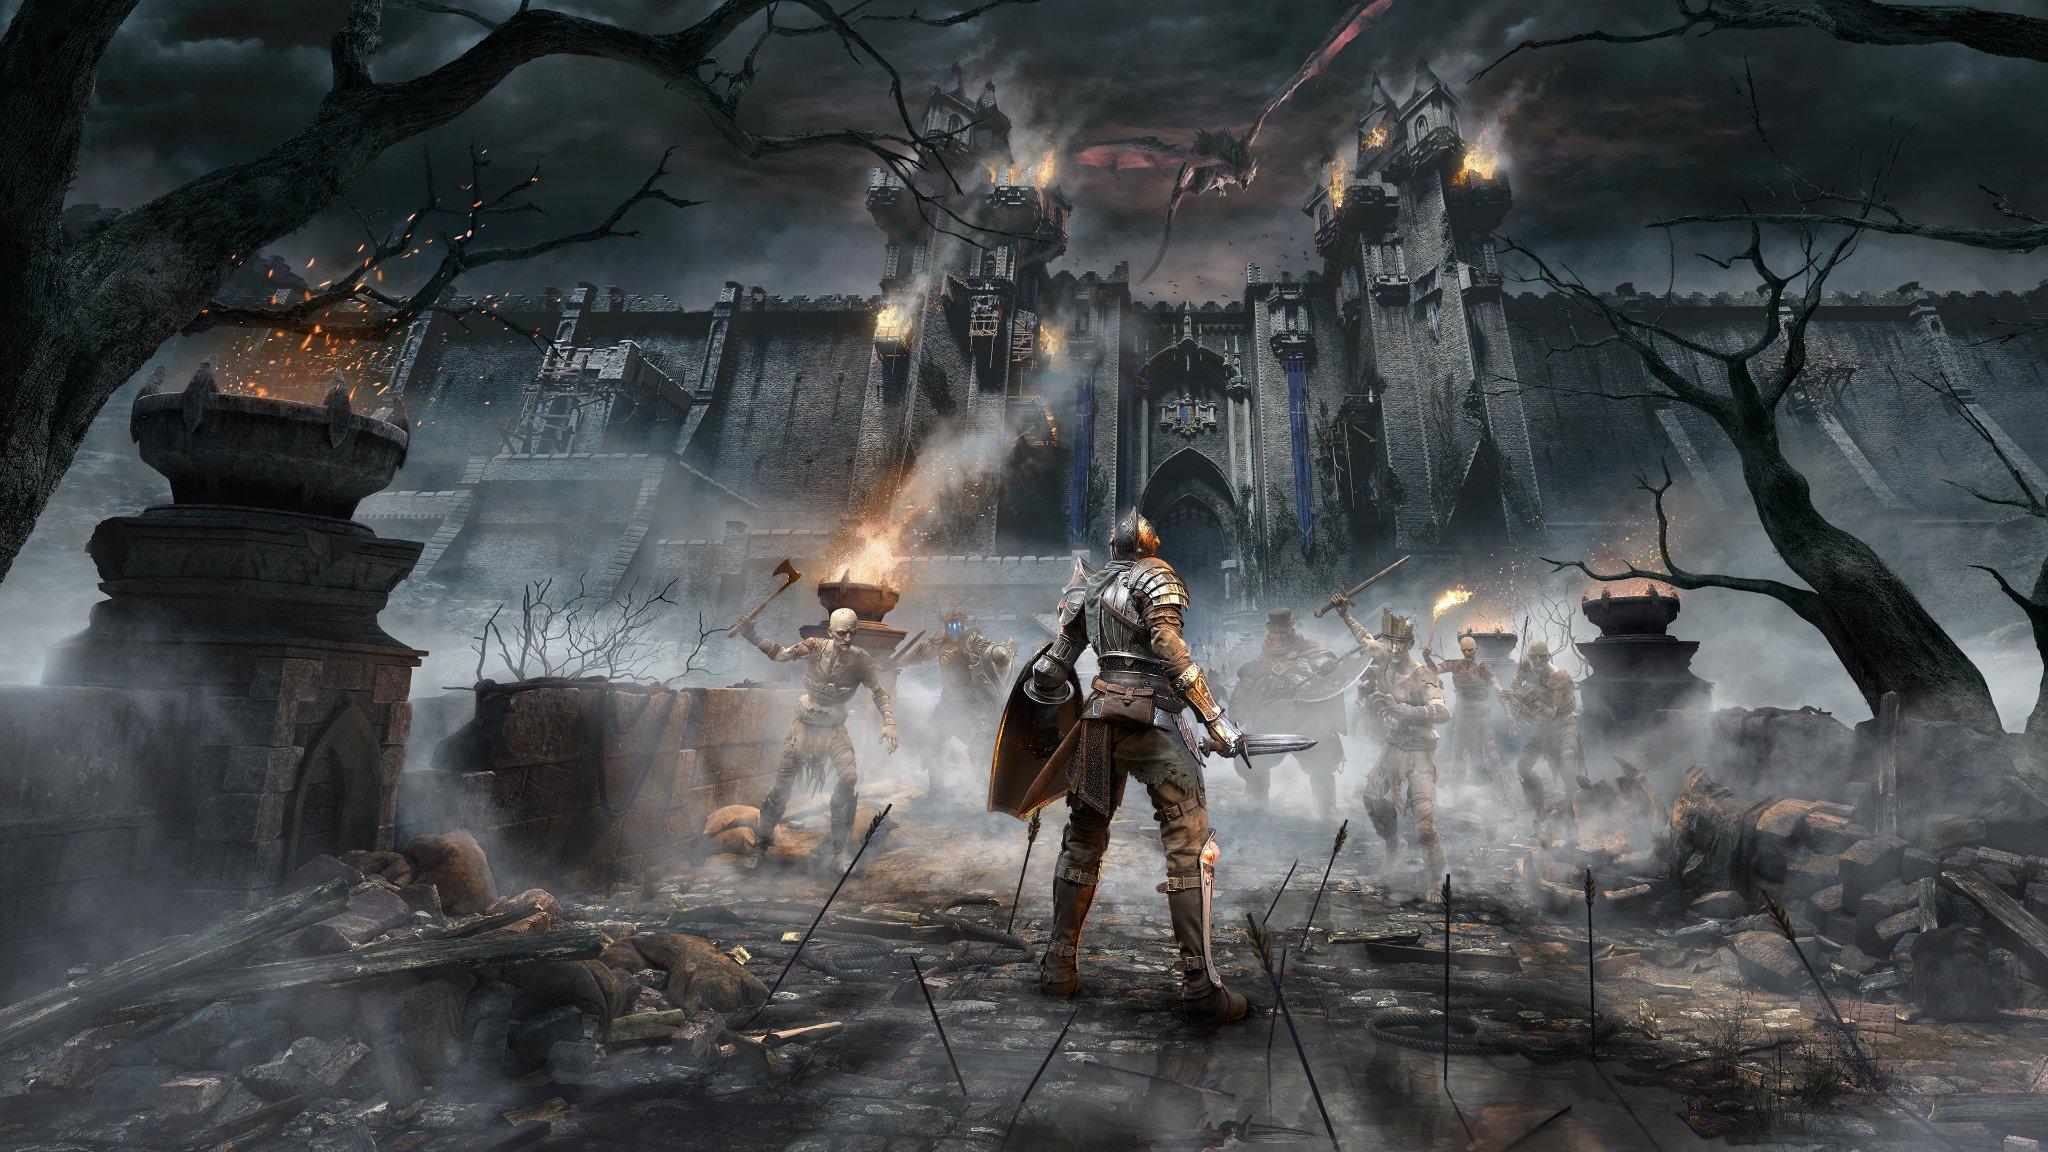 《恶魔之魂:重制版》可能会登陆PS4平台